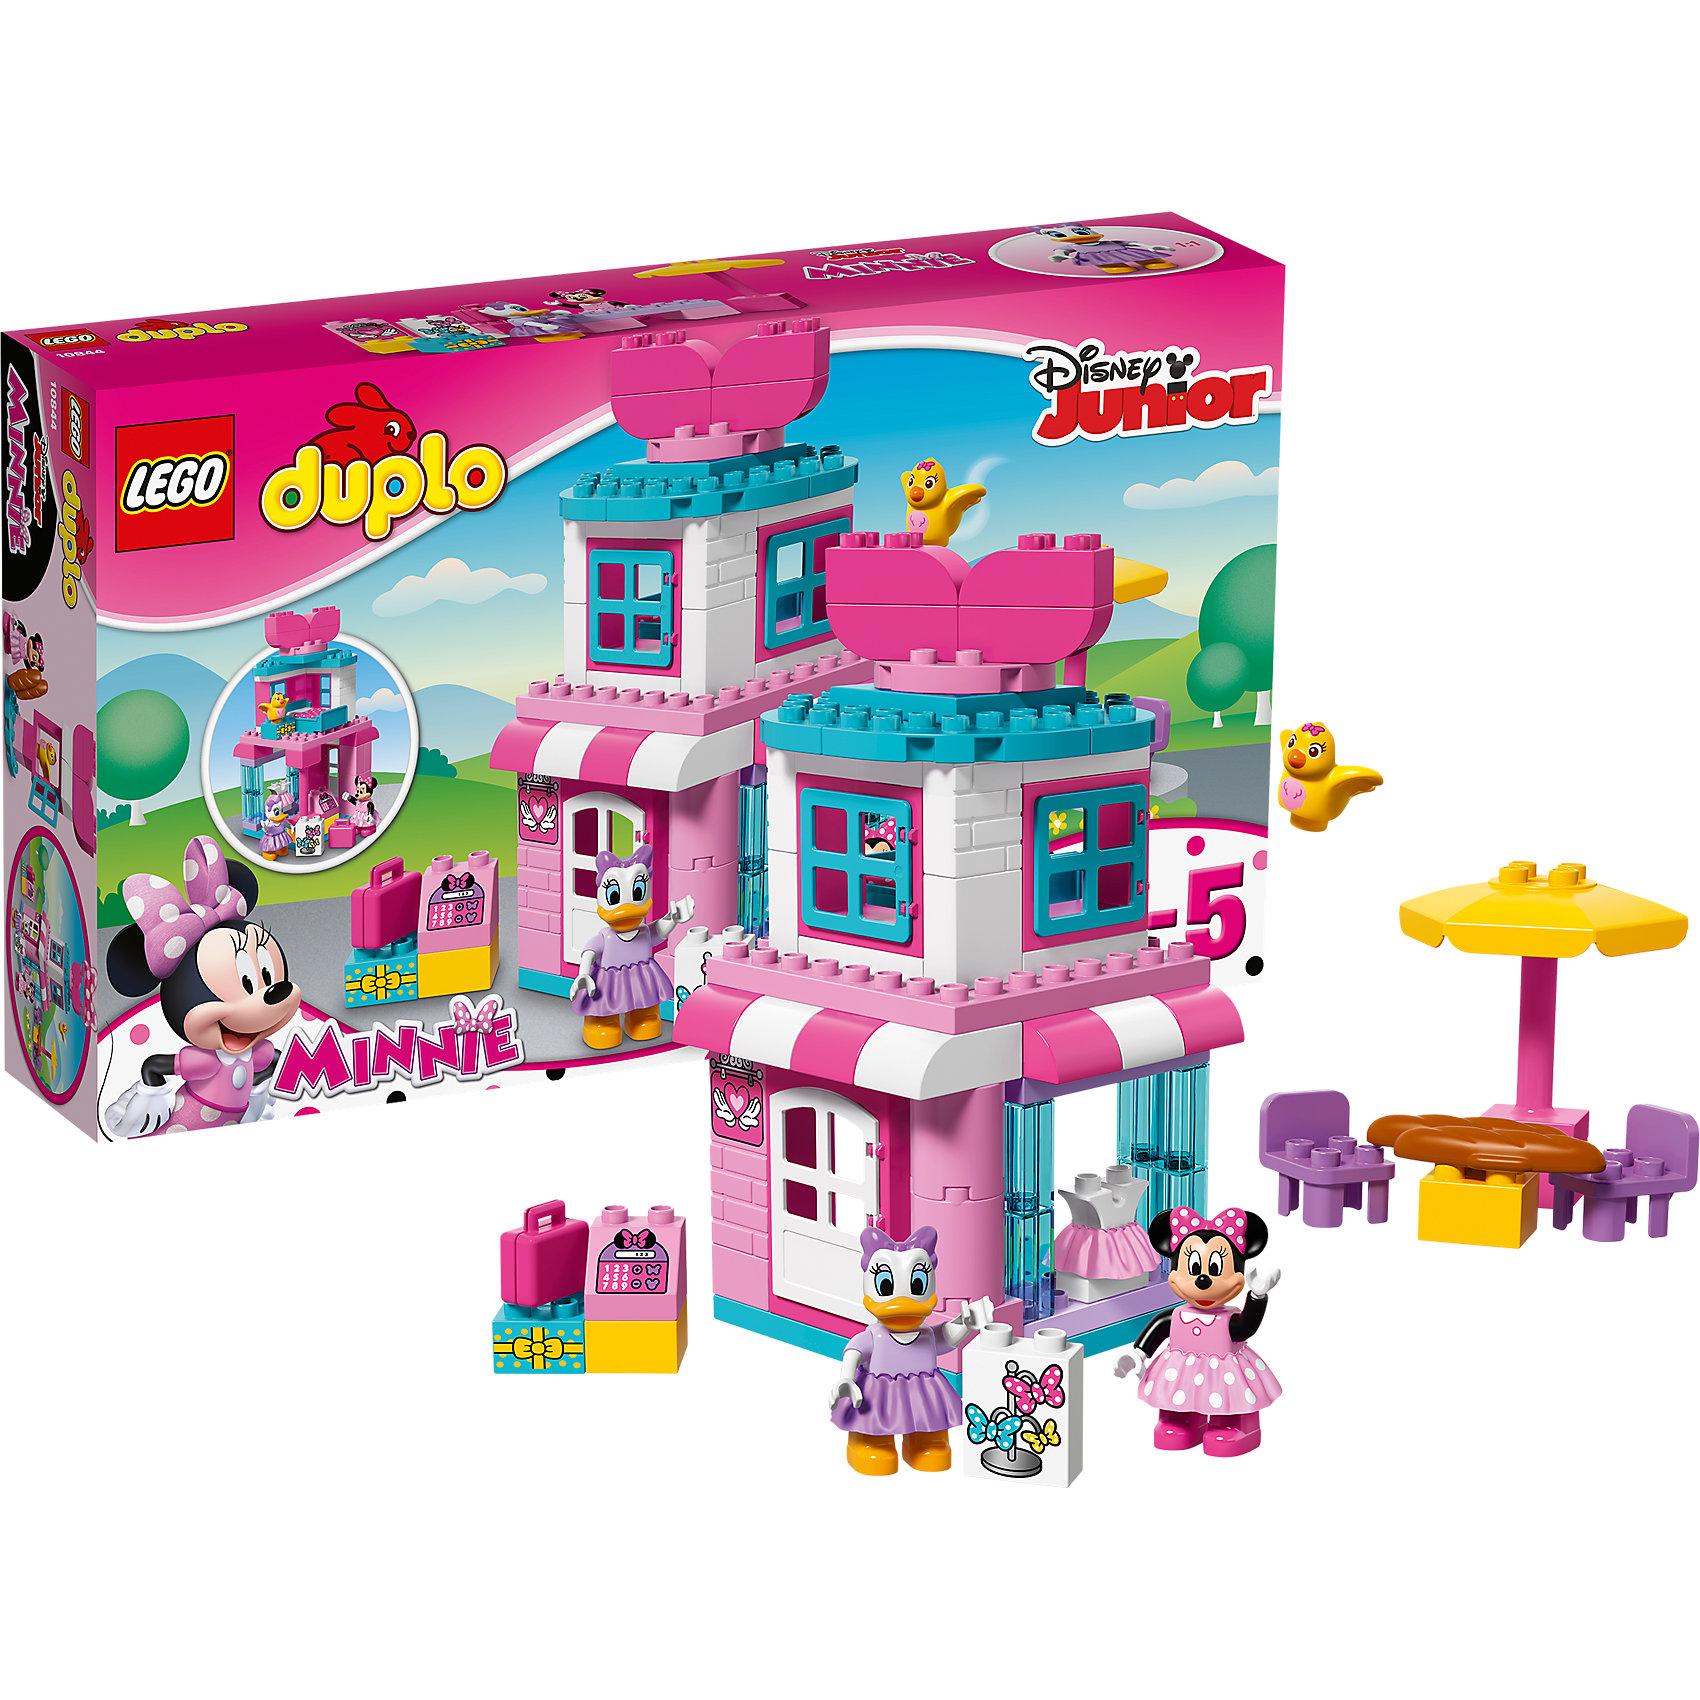 LEGO DUPLO 10844: Магазинчик Минни МаусКонструкторы для малышей<br>Характеристики товара:<br><br>• возраст: от 2 лет;<br>• материал: пластик;<br>• в комплекте: 70 деталей;<br>• количество минифигурок: 2;<br>• размер упаковки: 48х28,2х9,1 см;<br>• вес упаковки: 980 гр.;<br>• страна производитель: Китай.<br><br>Конструктор Lego Duplo «Магазинчик Минни Маус» создан по мотивам мультфильмов про Микки Мауса. Минни держит небольшой магазинчик, где продает красивые наряды. На втором этаже располагается ее спальня с окошками. Иногда в гости к Минни заходит подруга Дэйзи, и вместе они отдыхают на шезлонгах под зонтиком.<br><br>Из элементов конструктора предстоит собрать 2 фигурки, магазин, зонтик со стульями. Все детали выполнены из качественных безопасных материалов. В процессе сборки конструктора у детей развиваются мелкая моторика рук, усидчивость, логическое мышление.<br><br>Конструктор Lego Duplo «Магазинчик Минни Маус» можно приобрести в нашем интернет-магазине.<br><br>Ширина мм: 482<br>Глубина мм: 284<br>Высота мм: 96<br>Вес г: 983<br>Возраст от месяцев: 24<br>Возраст до месяцев: 2147483647<br>Пол: Мужской<br>Возраст: Детский<br>SKU: 5620070